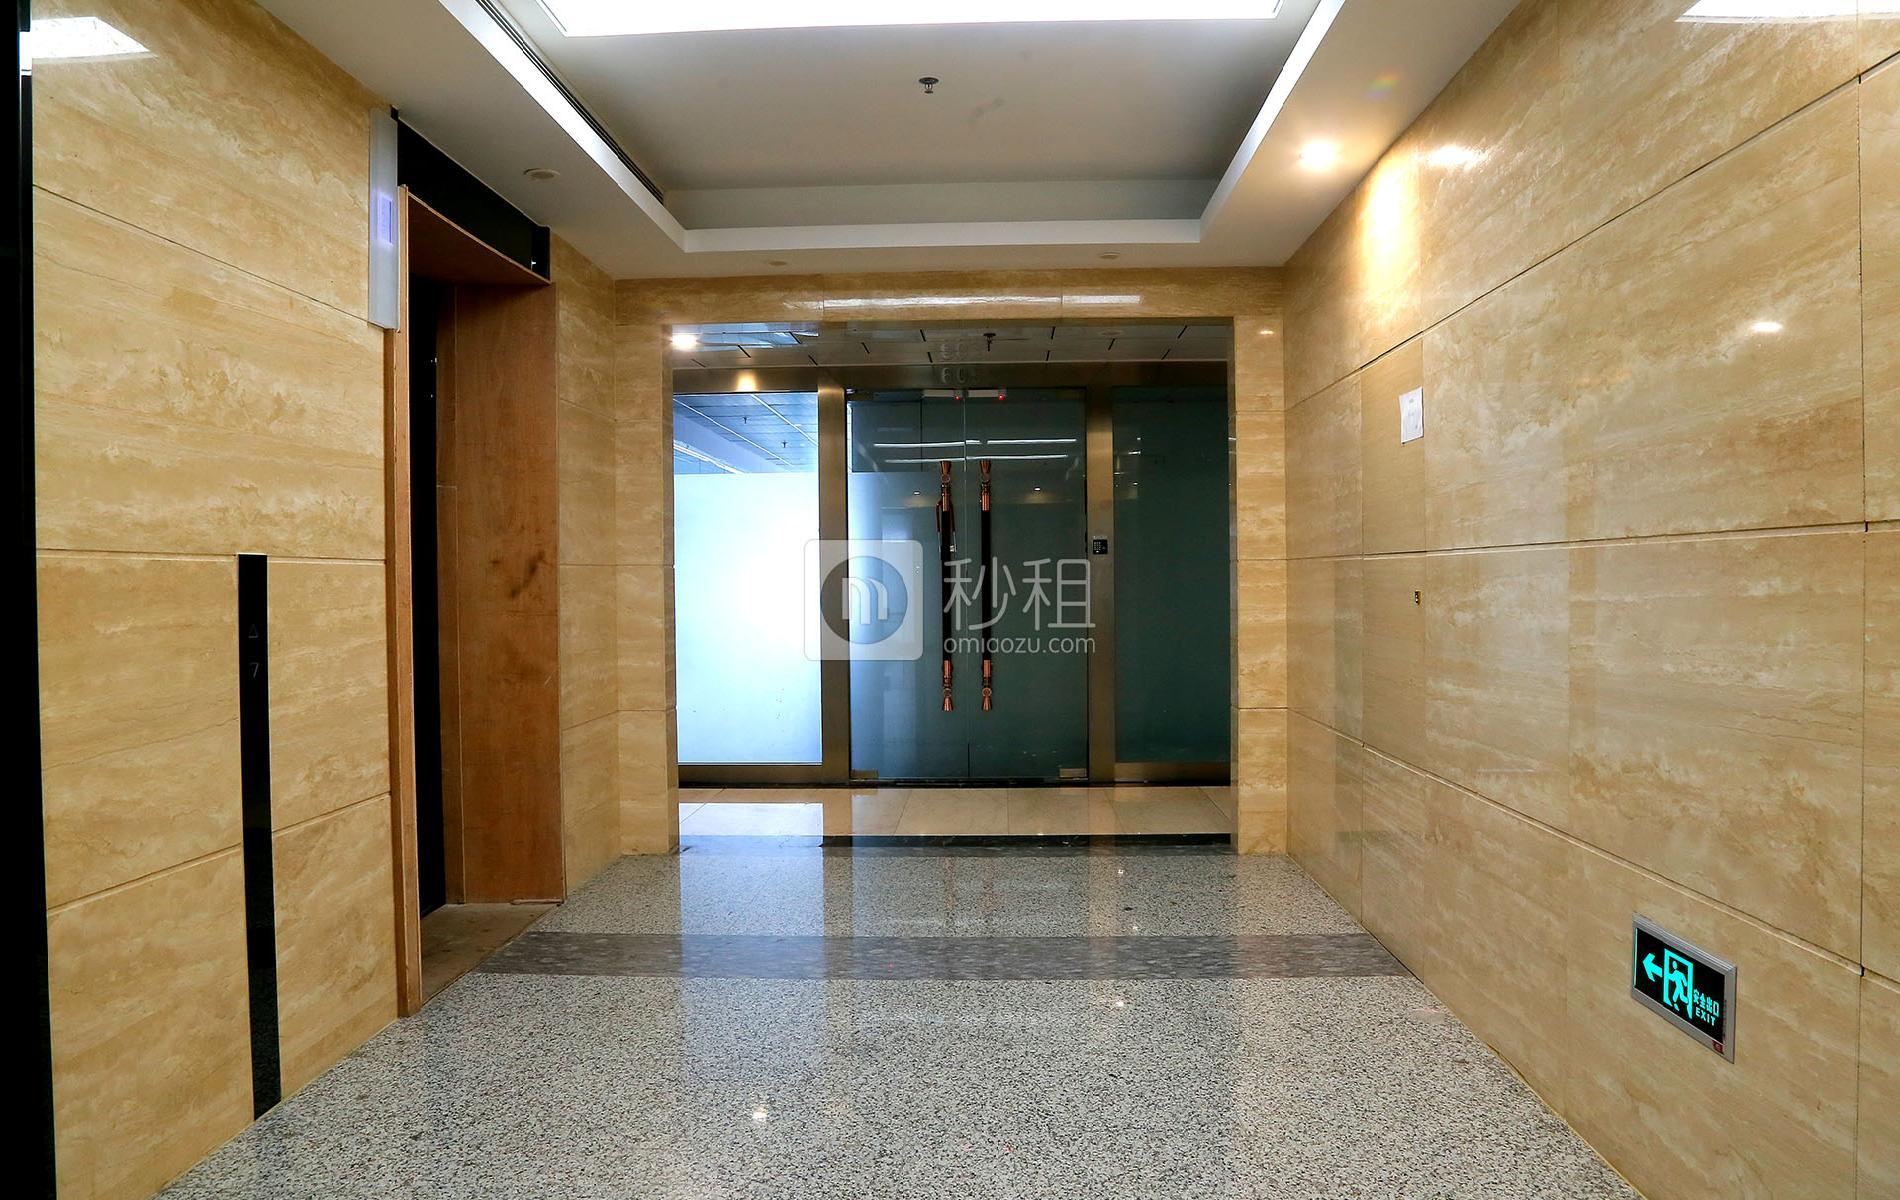 嘉安达大厦写字楼出租/招租/租赁,嘉安达大厦办公室出租/招租/租赁